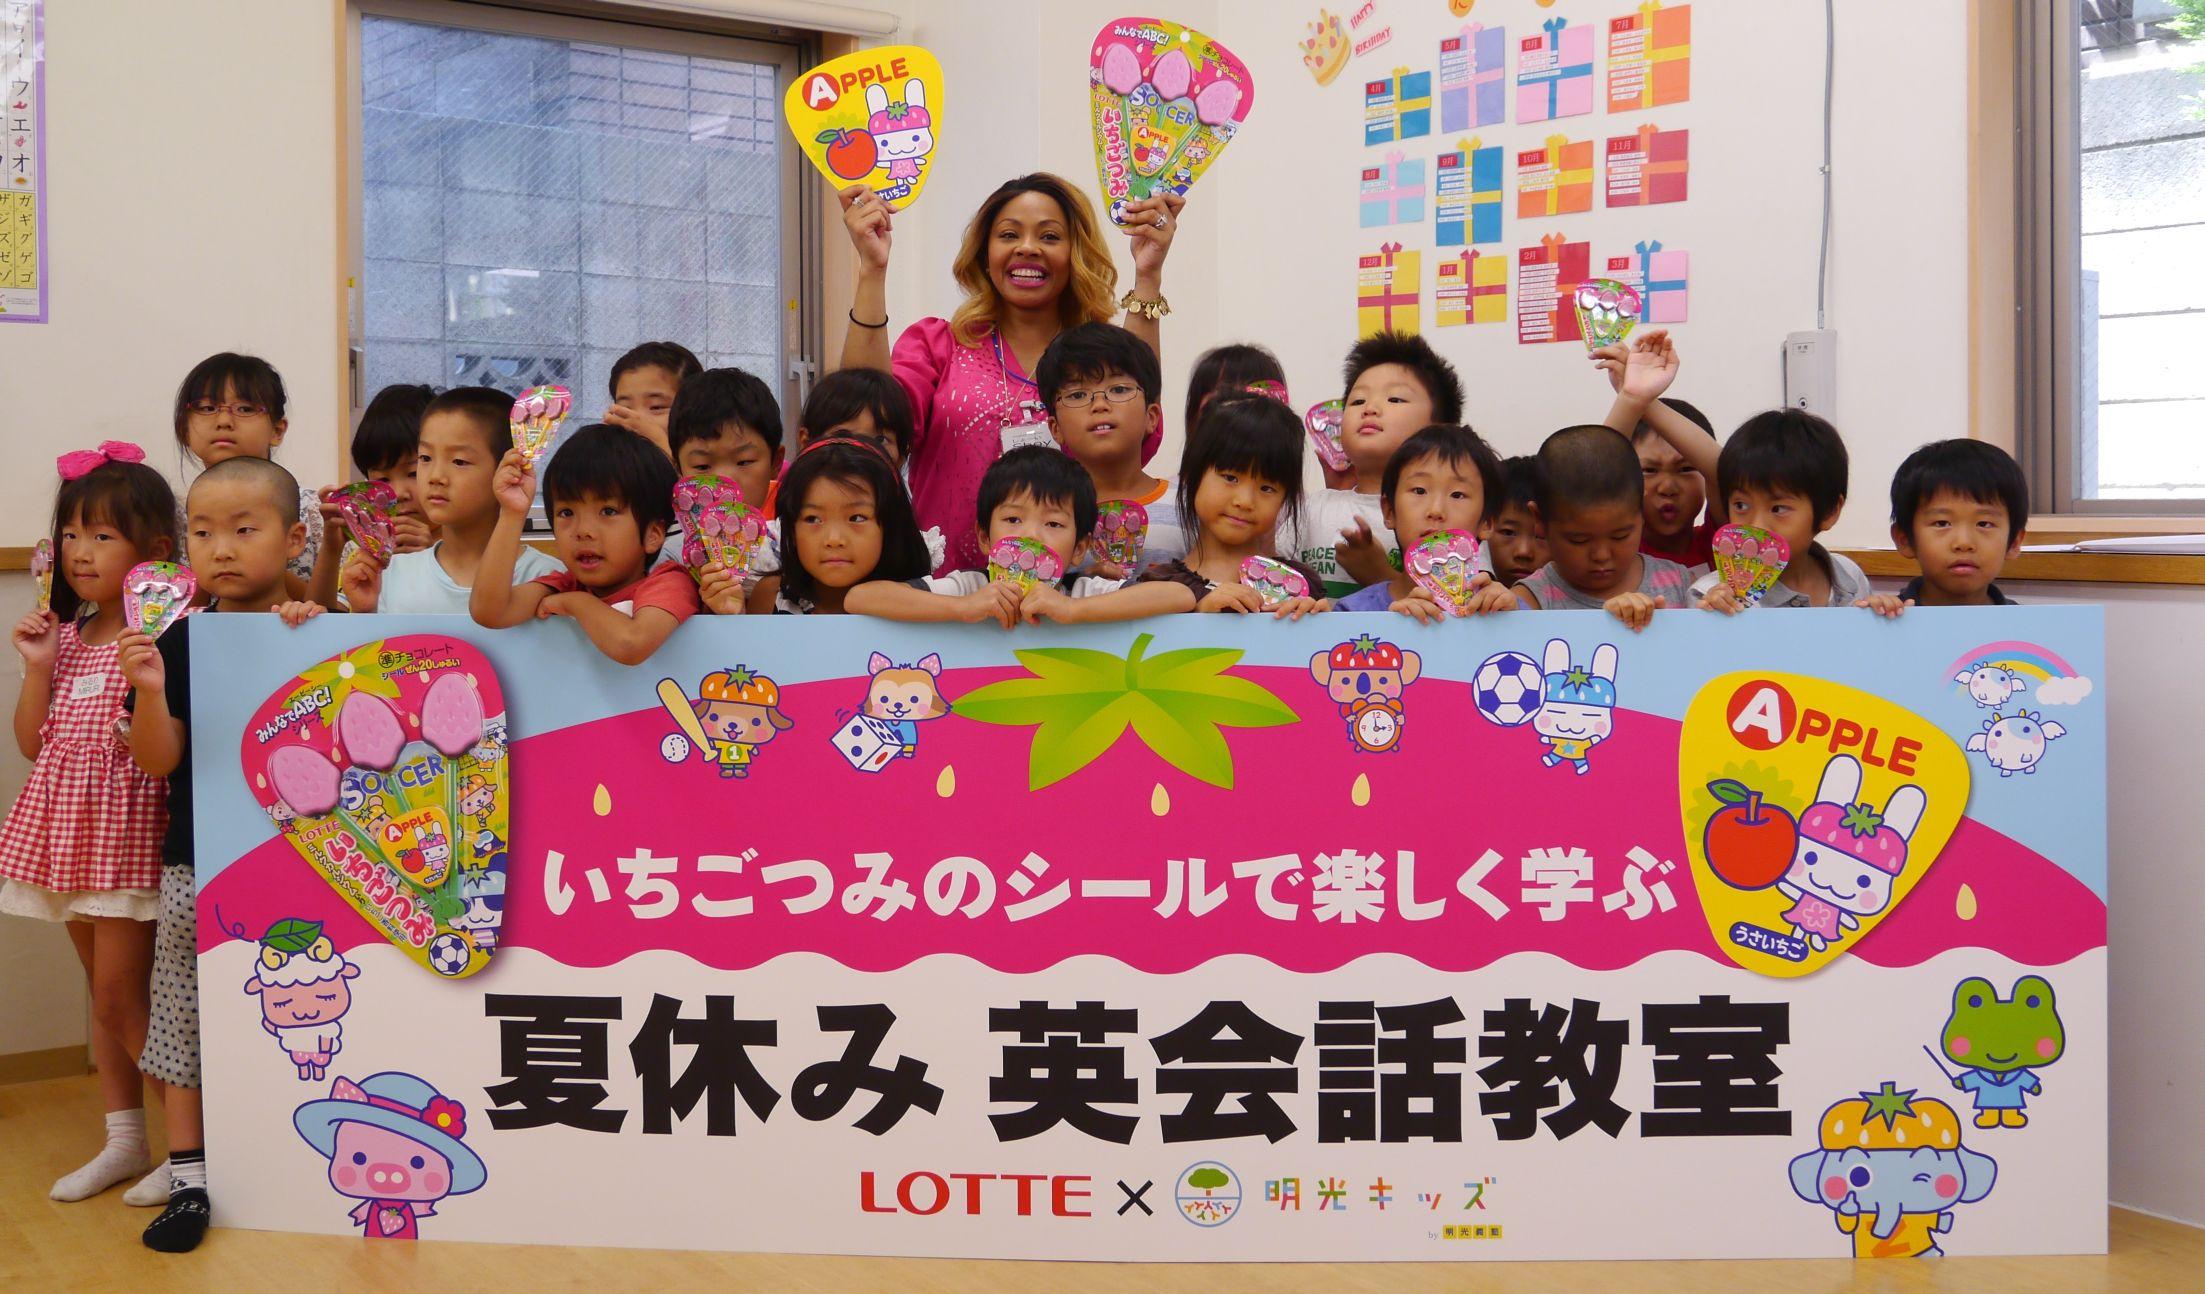 学童保育の明光キッズ ~ロッテとのコラボレーション企画~ おまけのシールで楽しく学ぶ 「夏休み英会話教室」を実施!